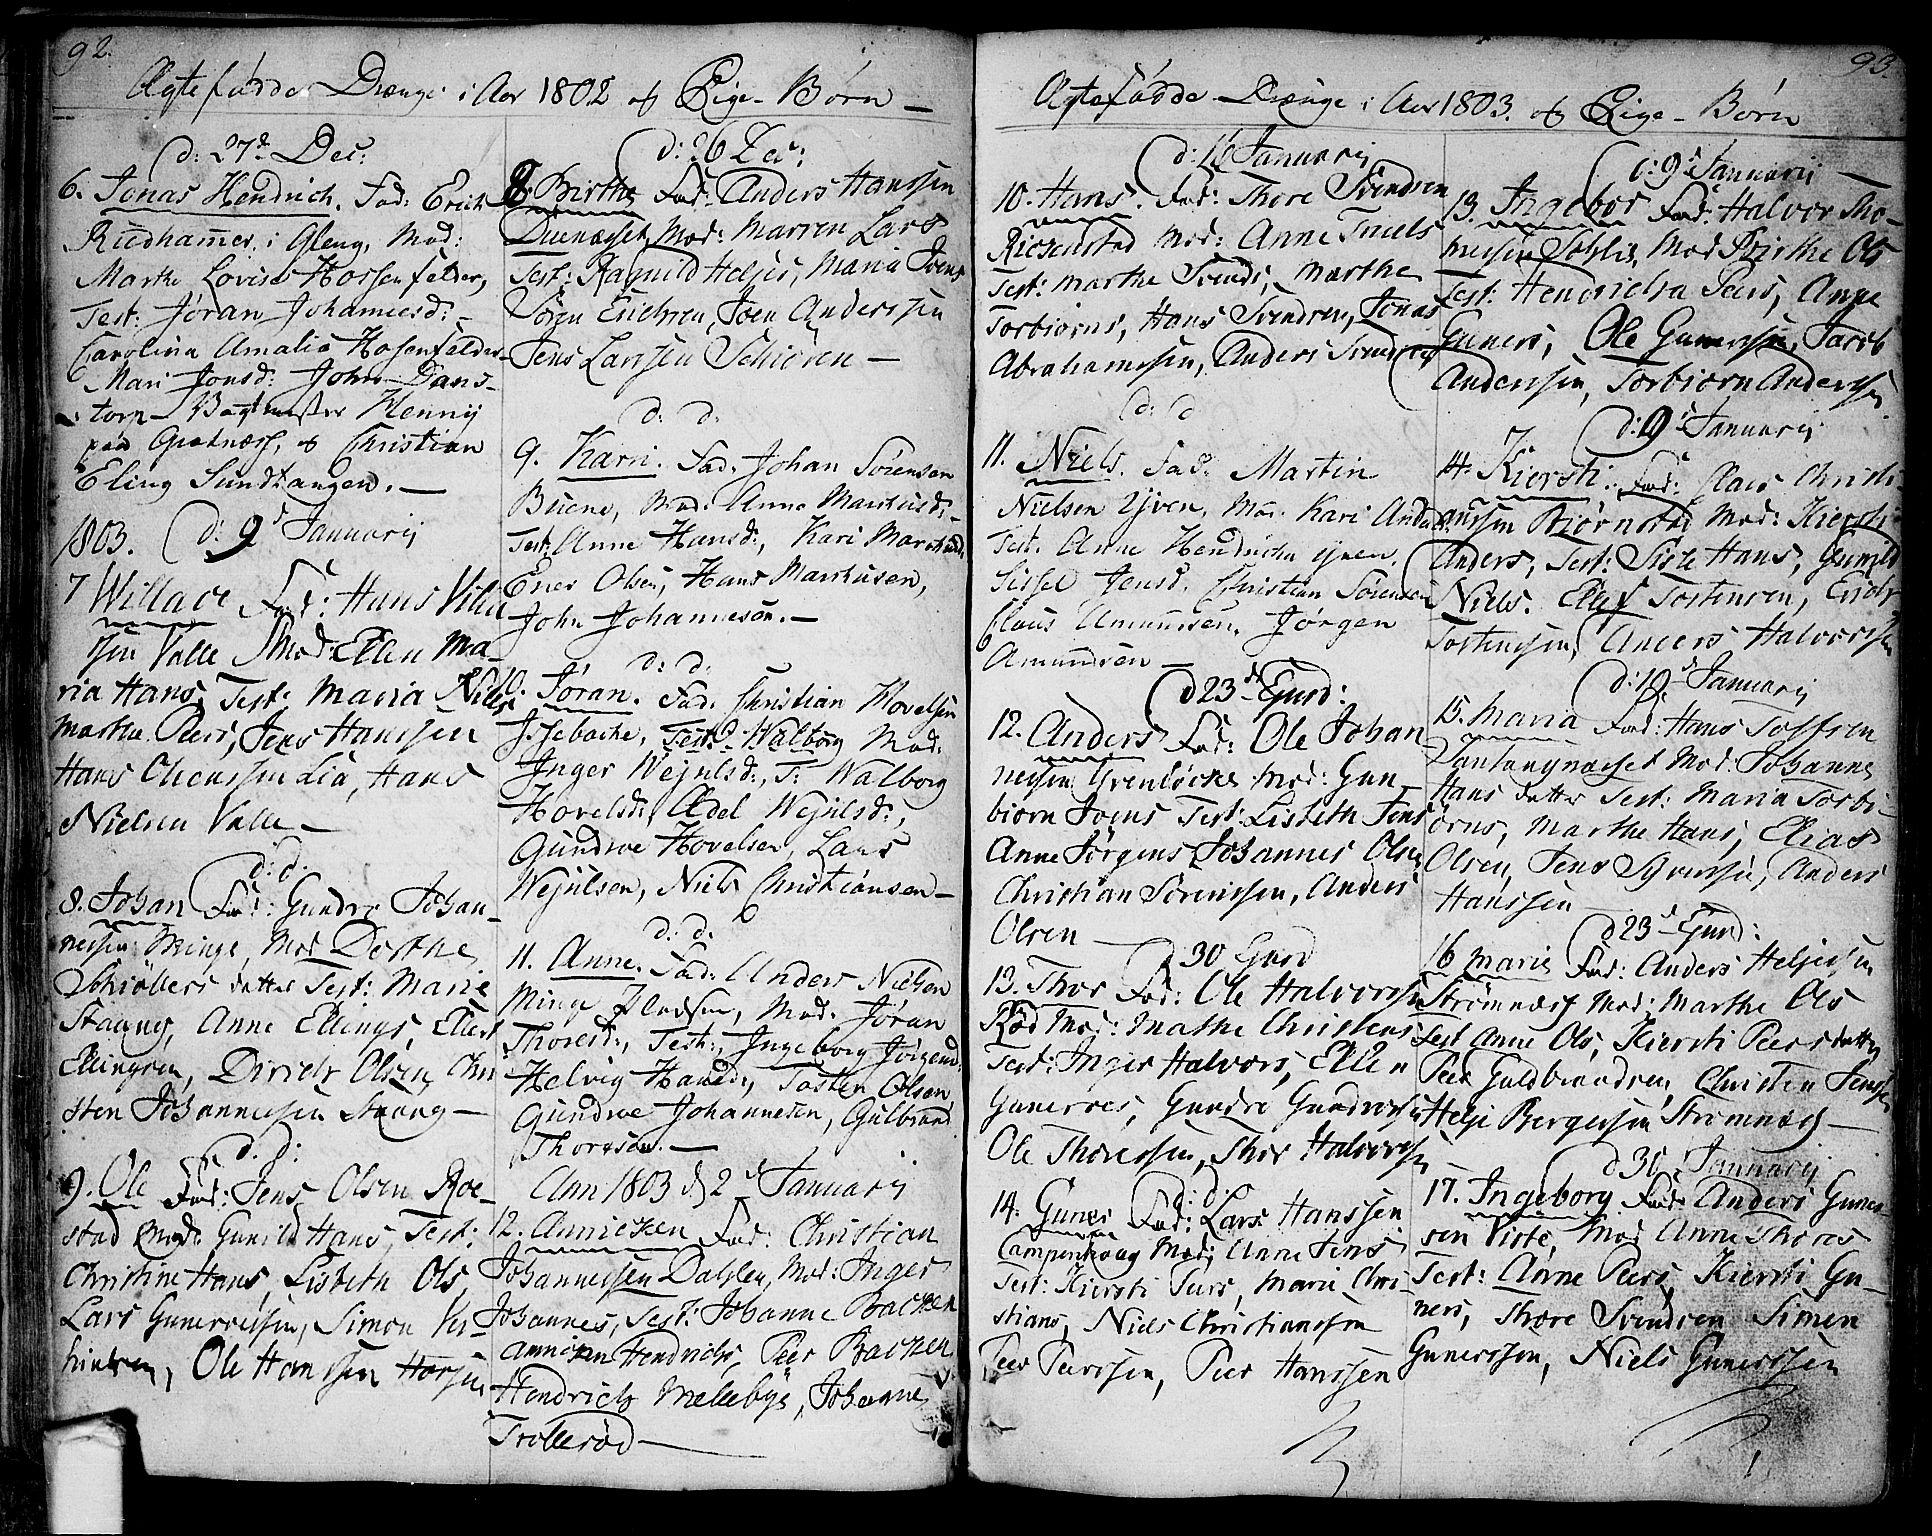 SAO, Tune prestekontor Kirkebøker, F/Fa/L0004: Ministerialbok nr. 4, 1797-1815, s. 92-93